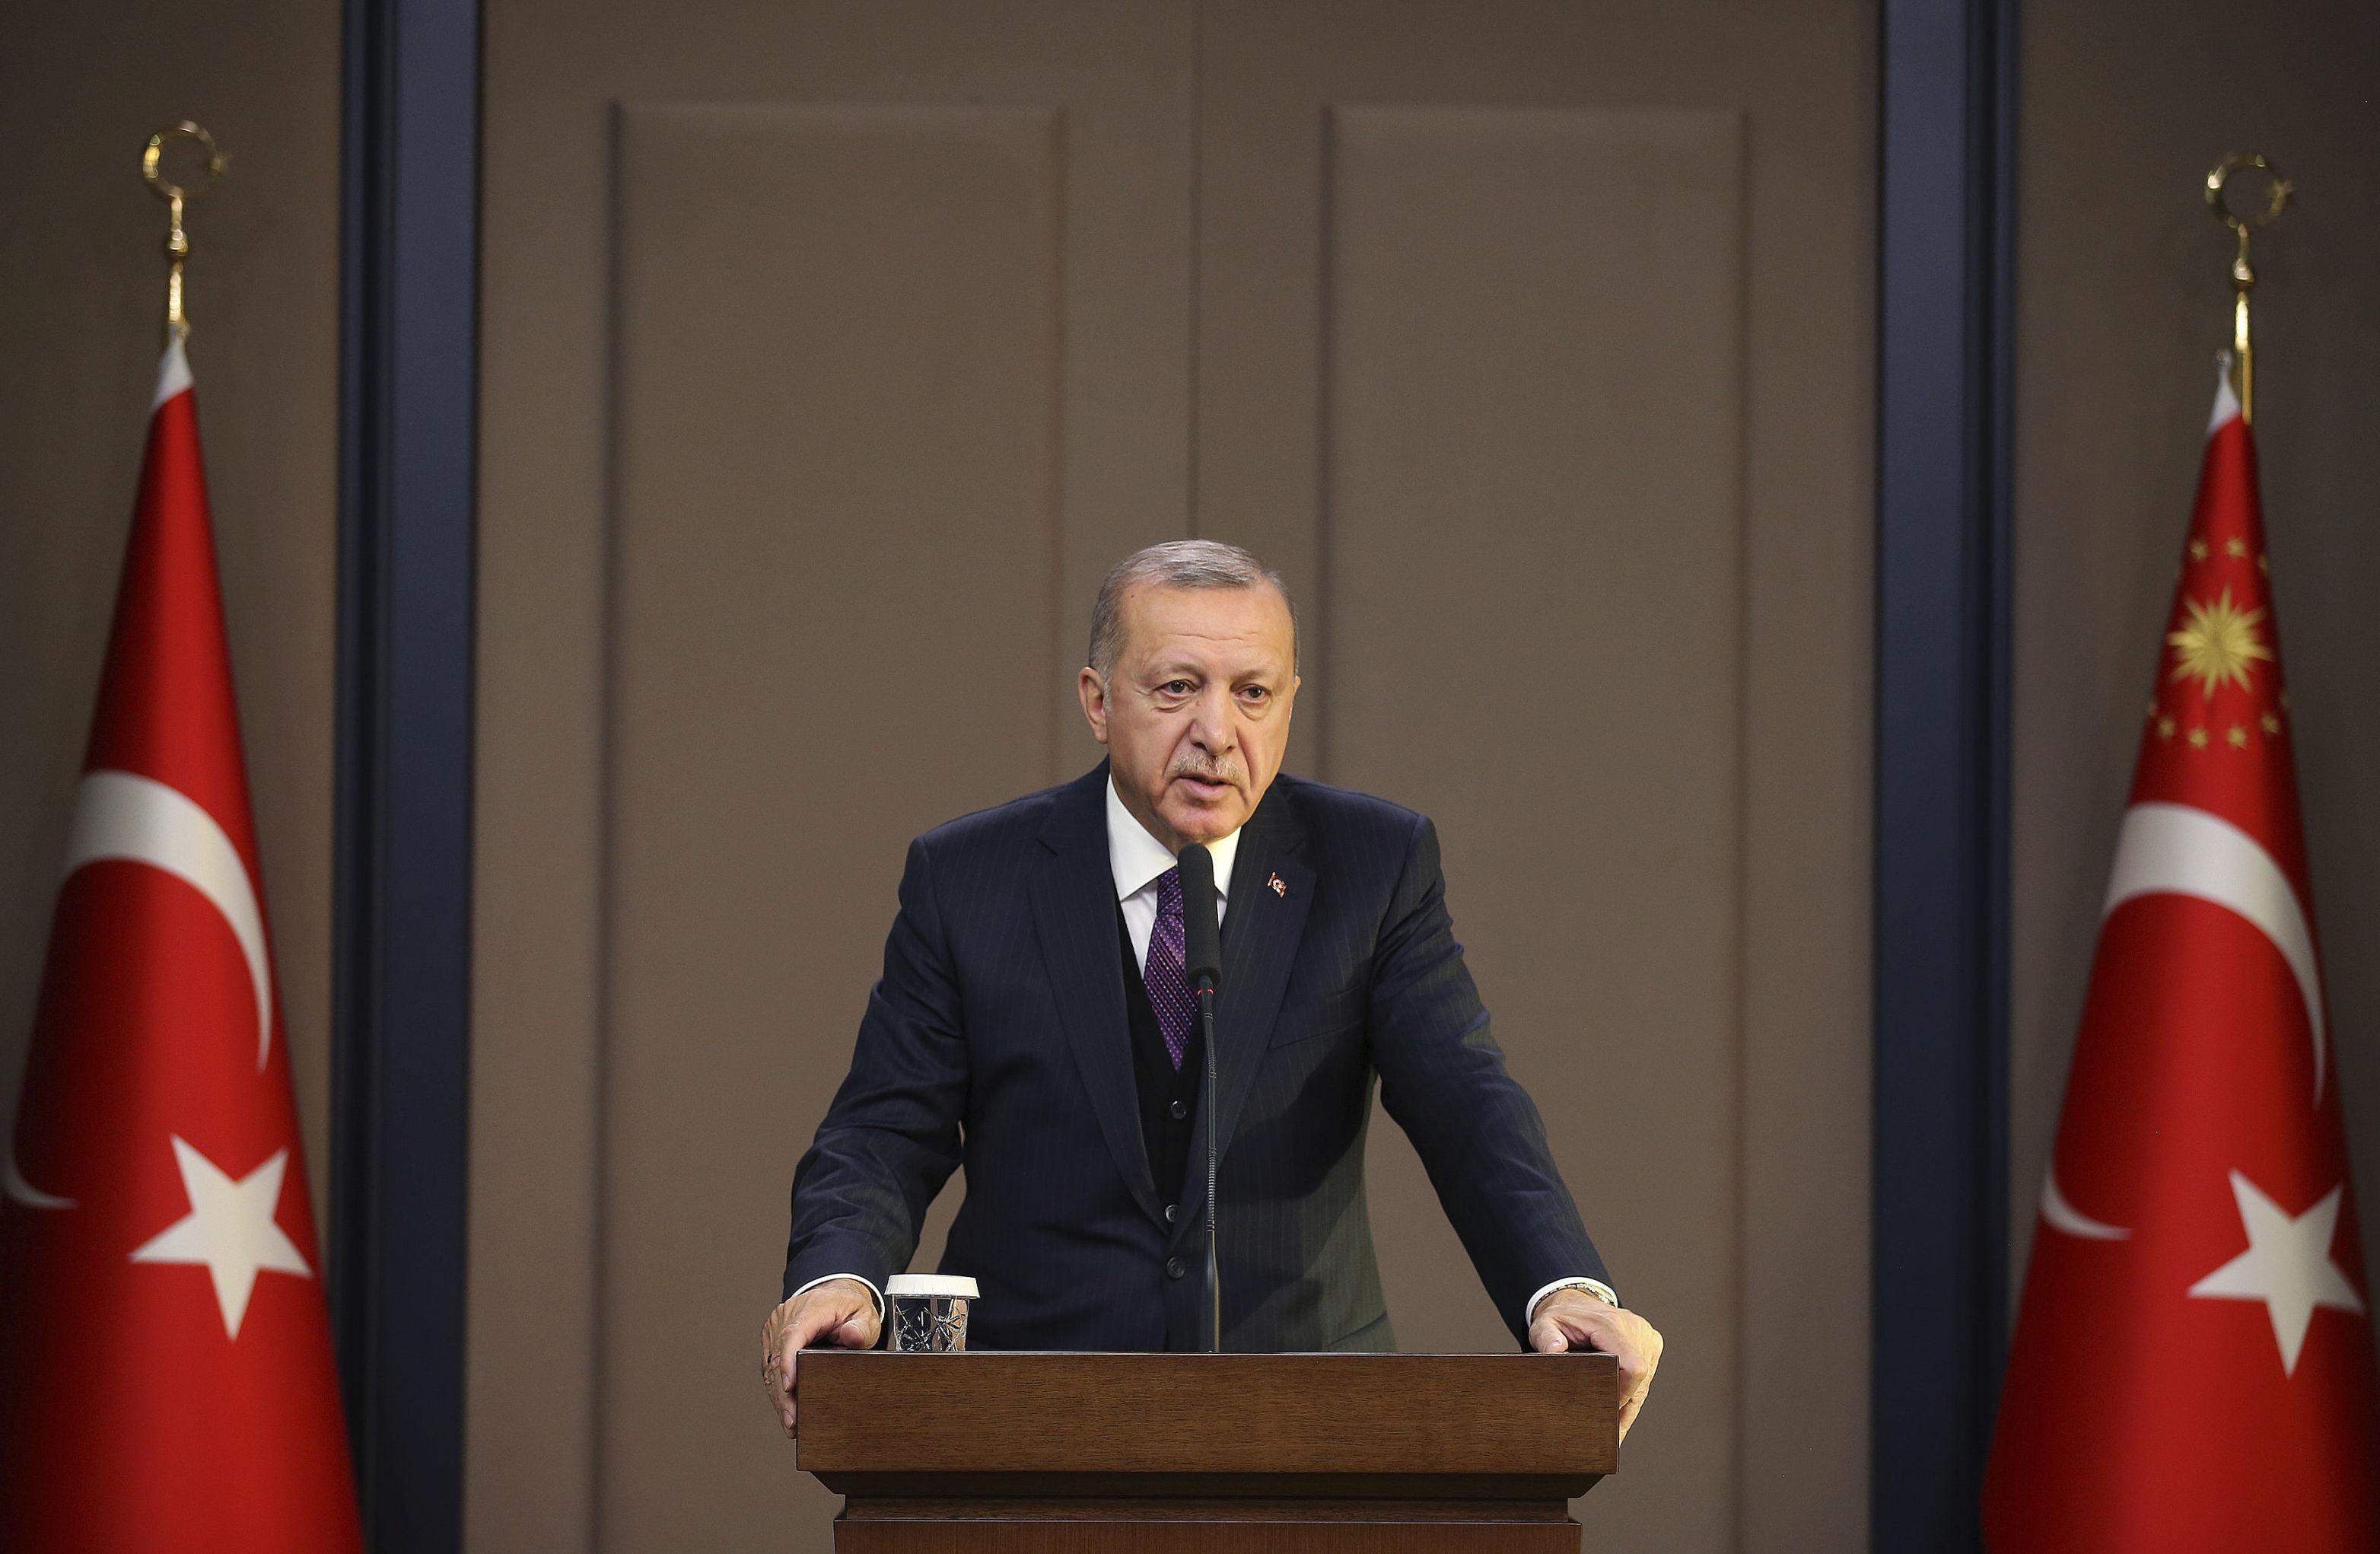 Presidente da Turquia em conferência de imprensa antes de embarcar para a Conferência de Líderes da OTAN, em Londres, no dia 03 de dezembro de 2019